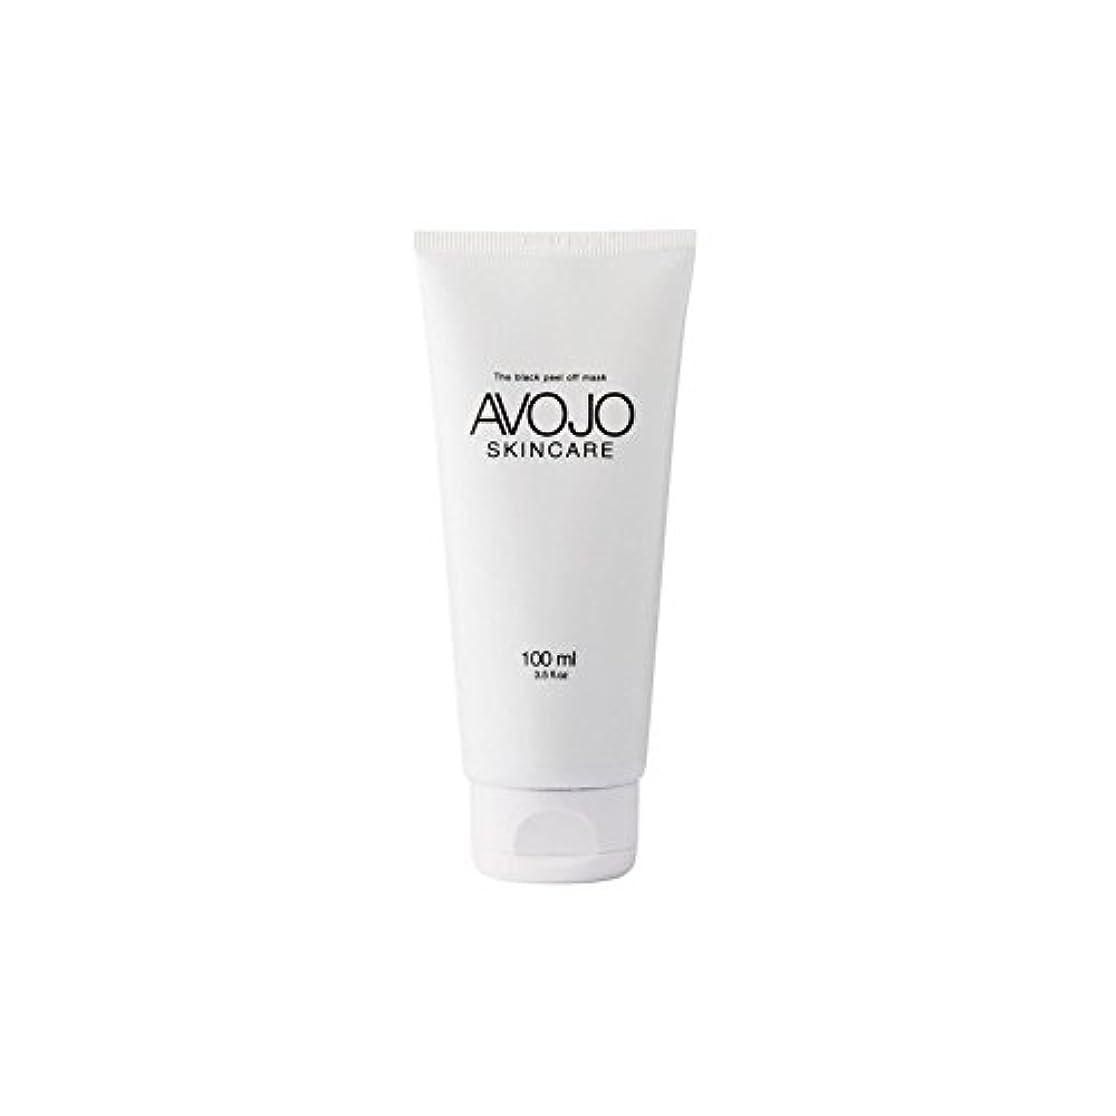 ピッチ順応性染料Avojo - The Black Peel Off Mask - (Bottle 100ml) - - 黒皮オフマスク - (ボトル100ミリリットル) [並行輸入品]